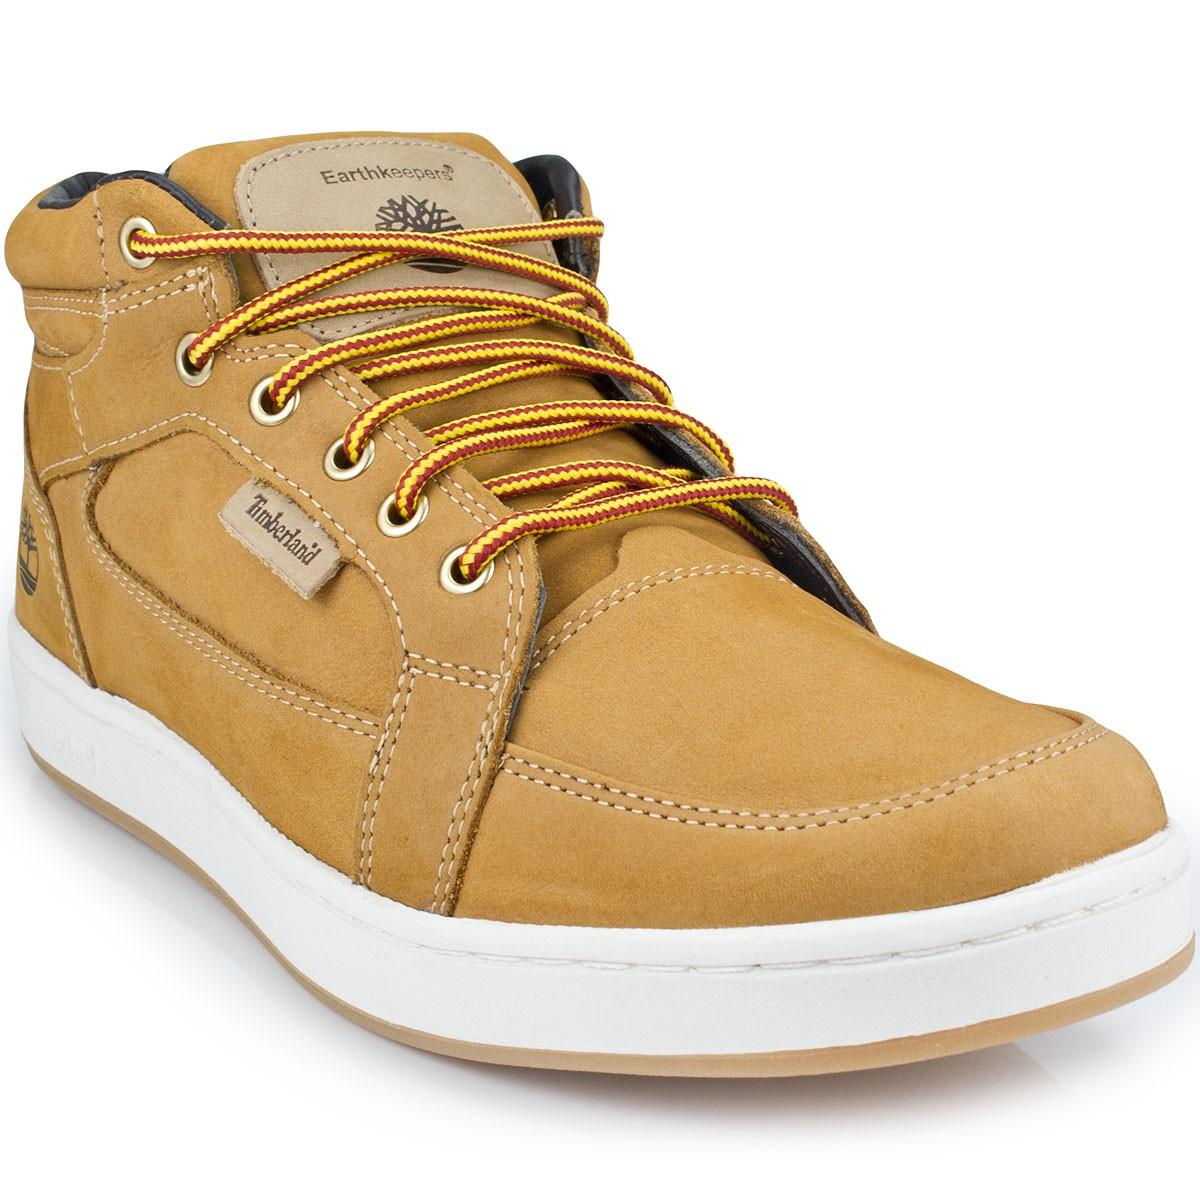 71c092bbdbf Bota Timberland EK Packer Leather Chukka 4133341